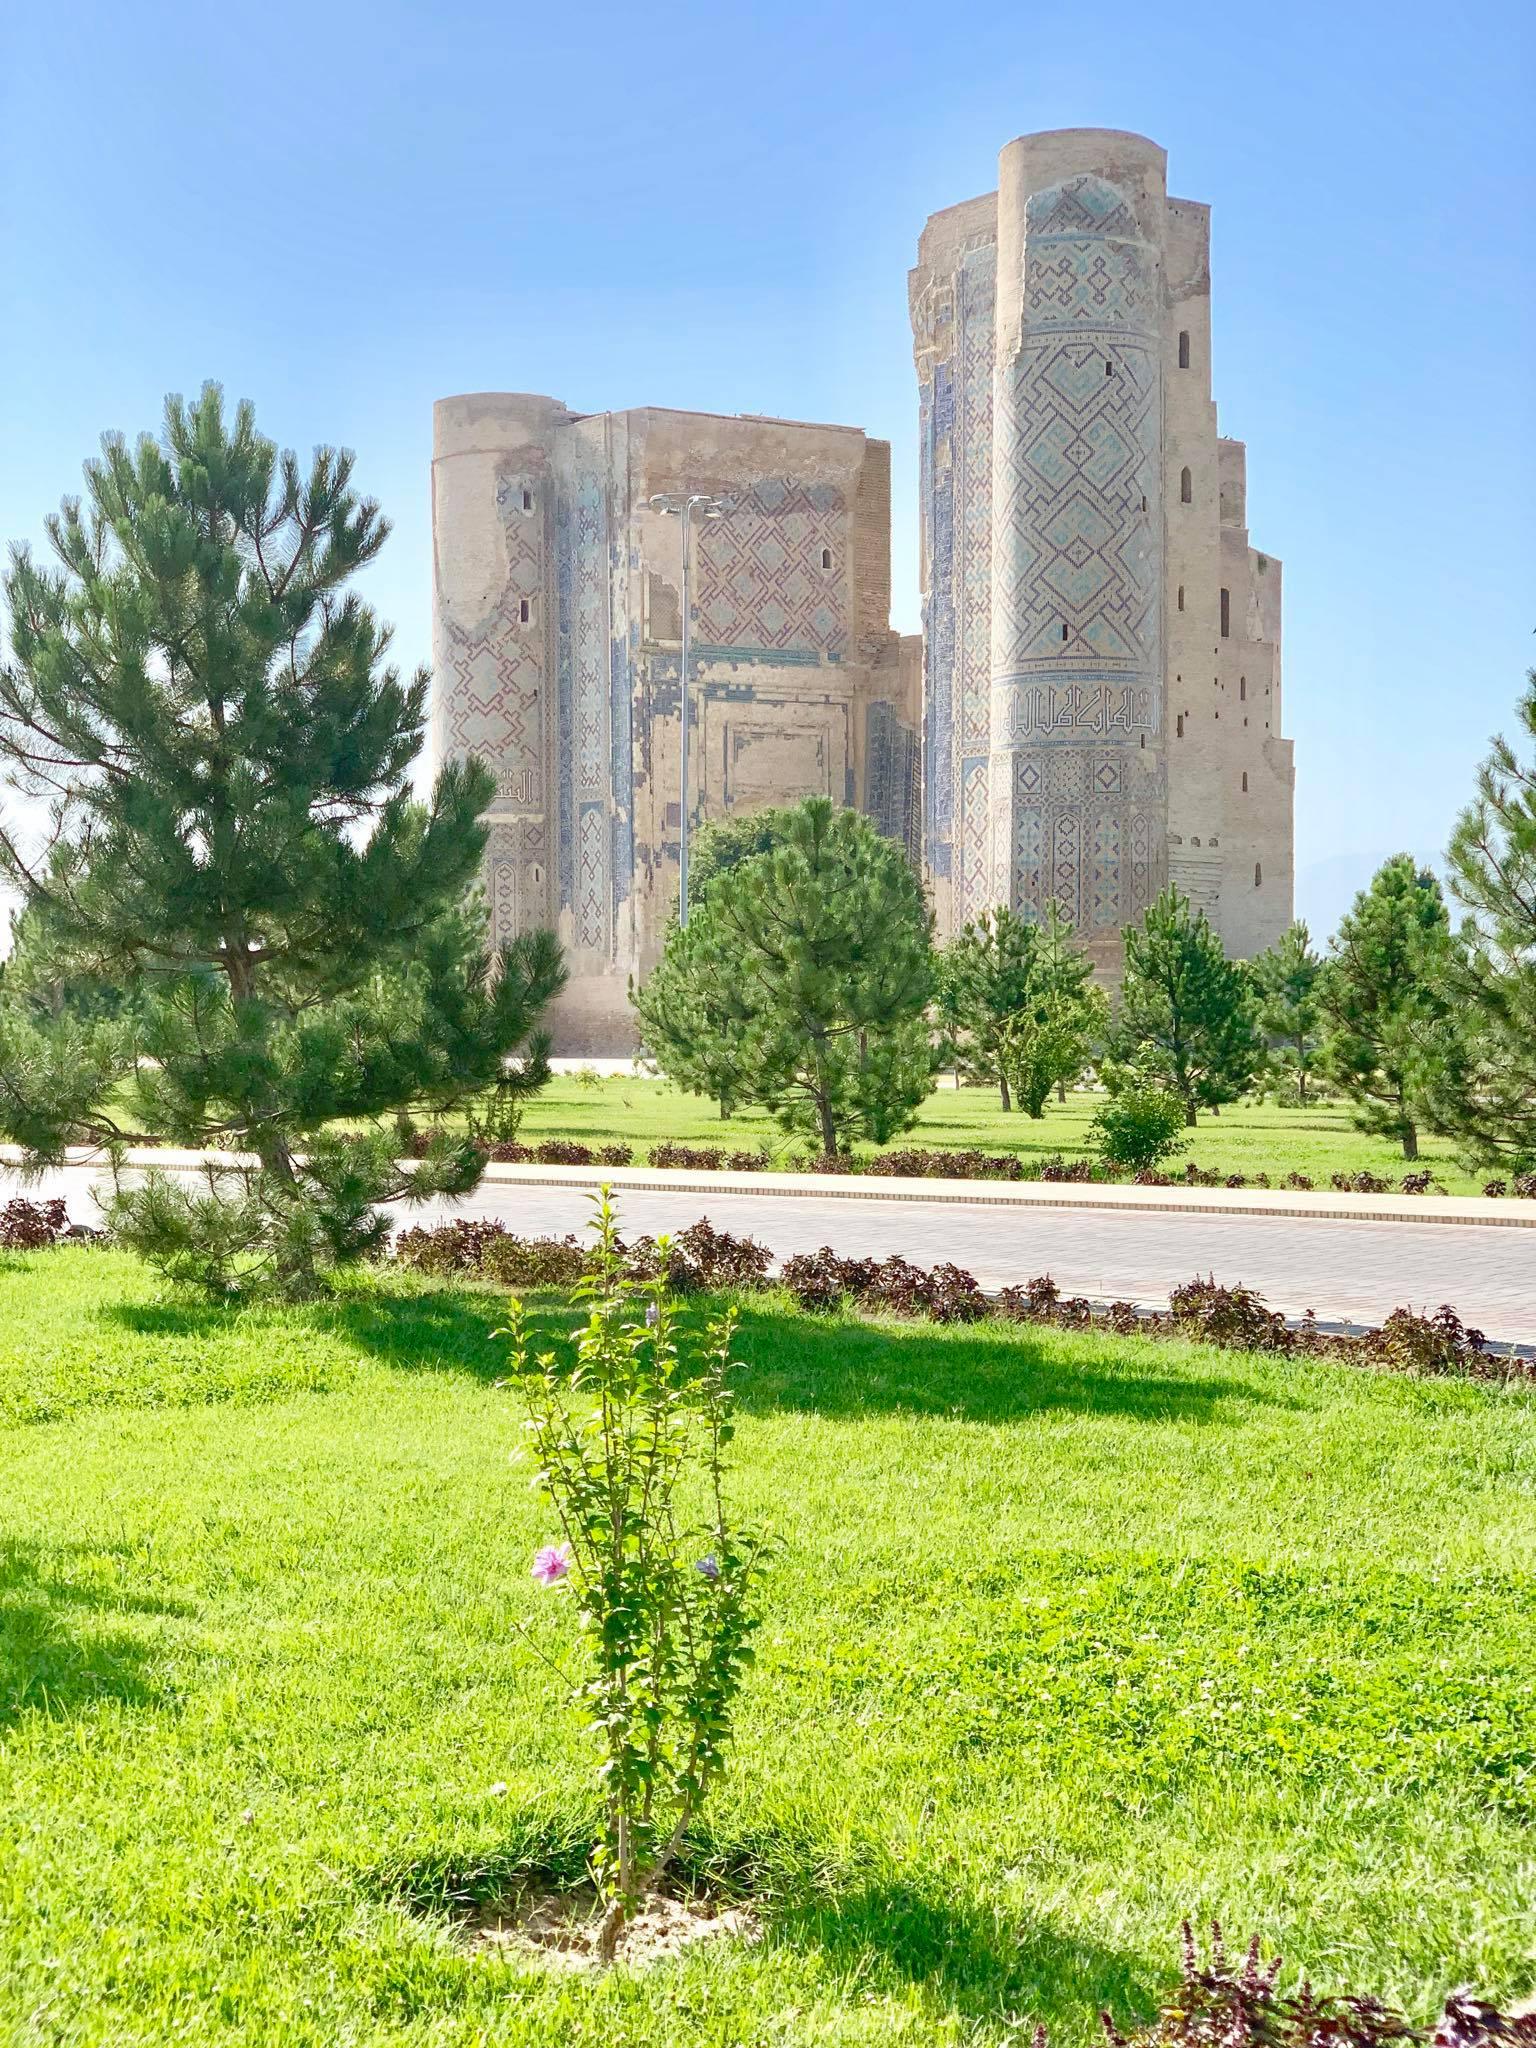 Kach Solo Travels in 2019 Last stop in Uzbekistan11.jpg